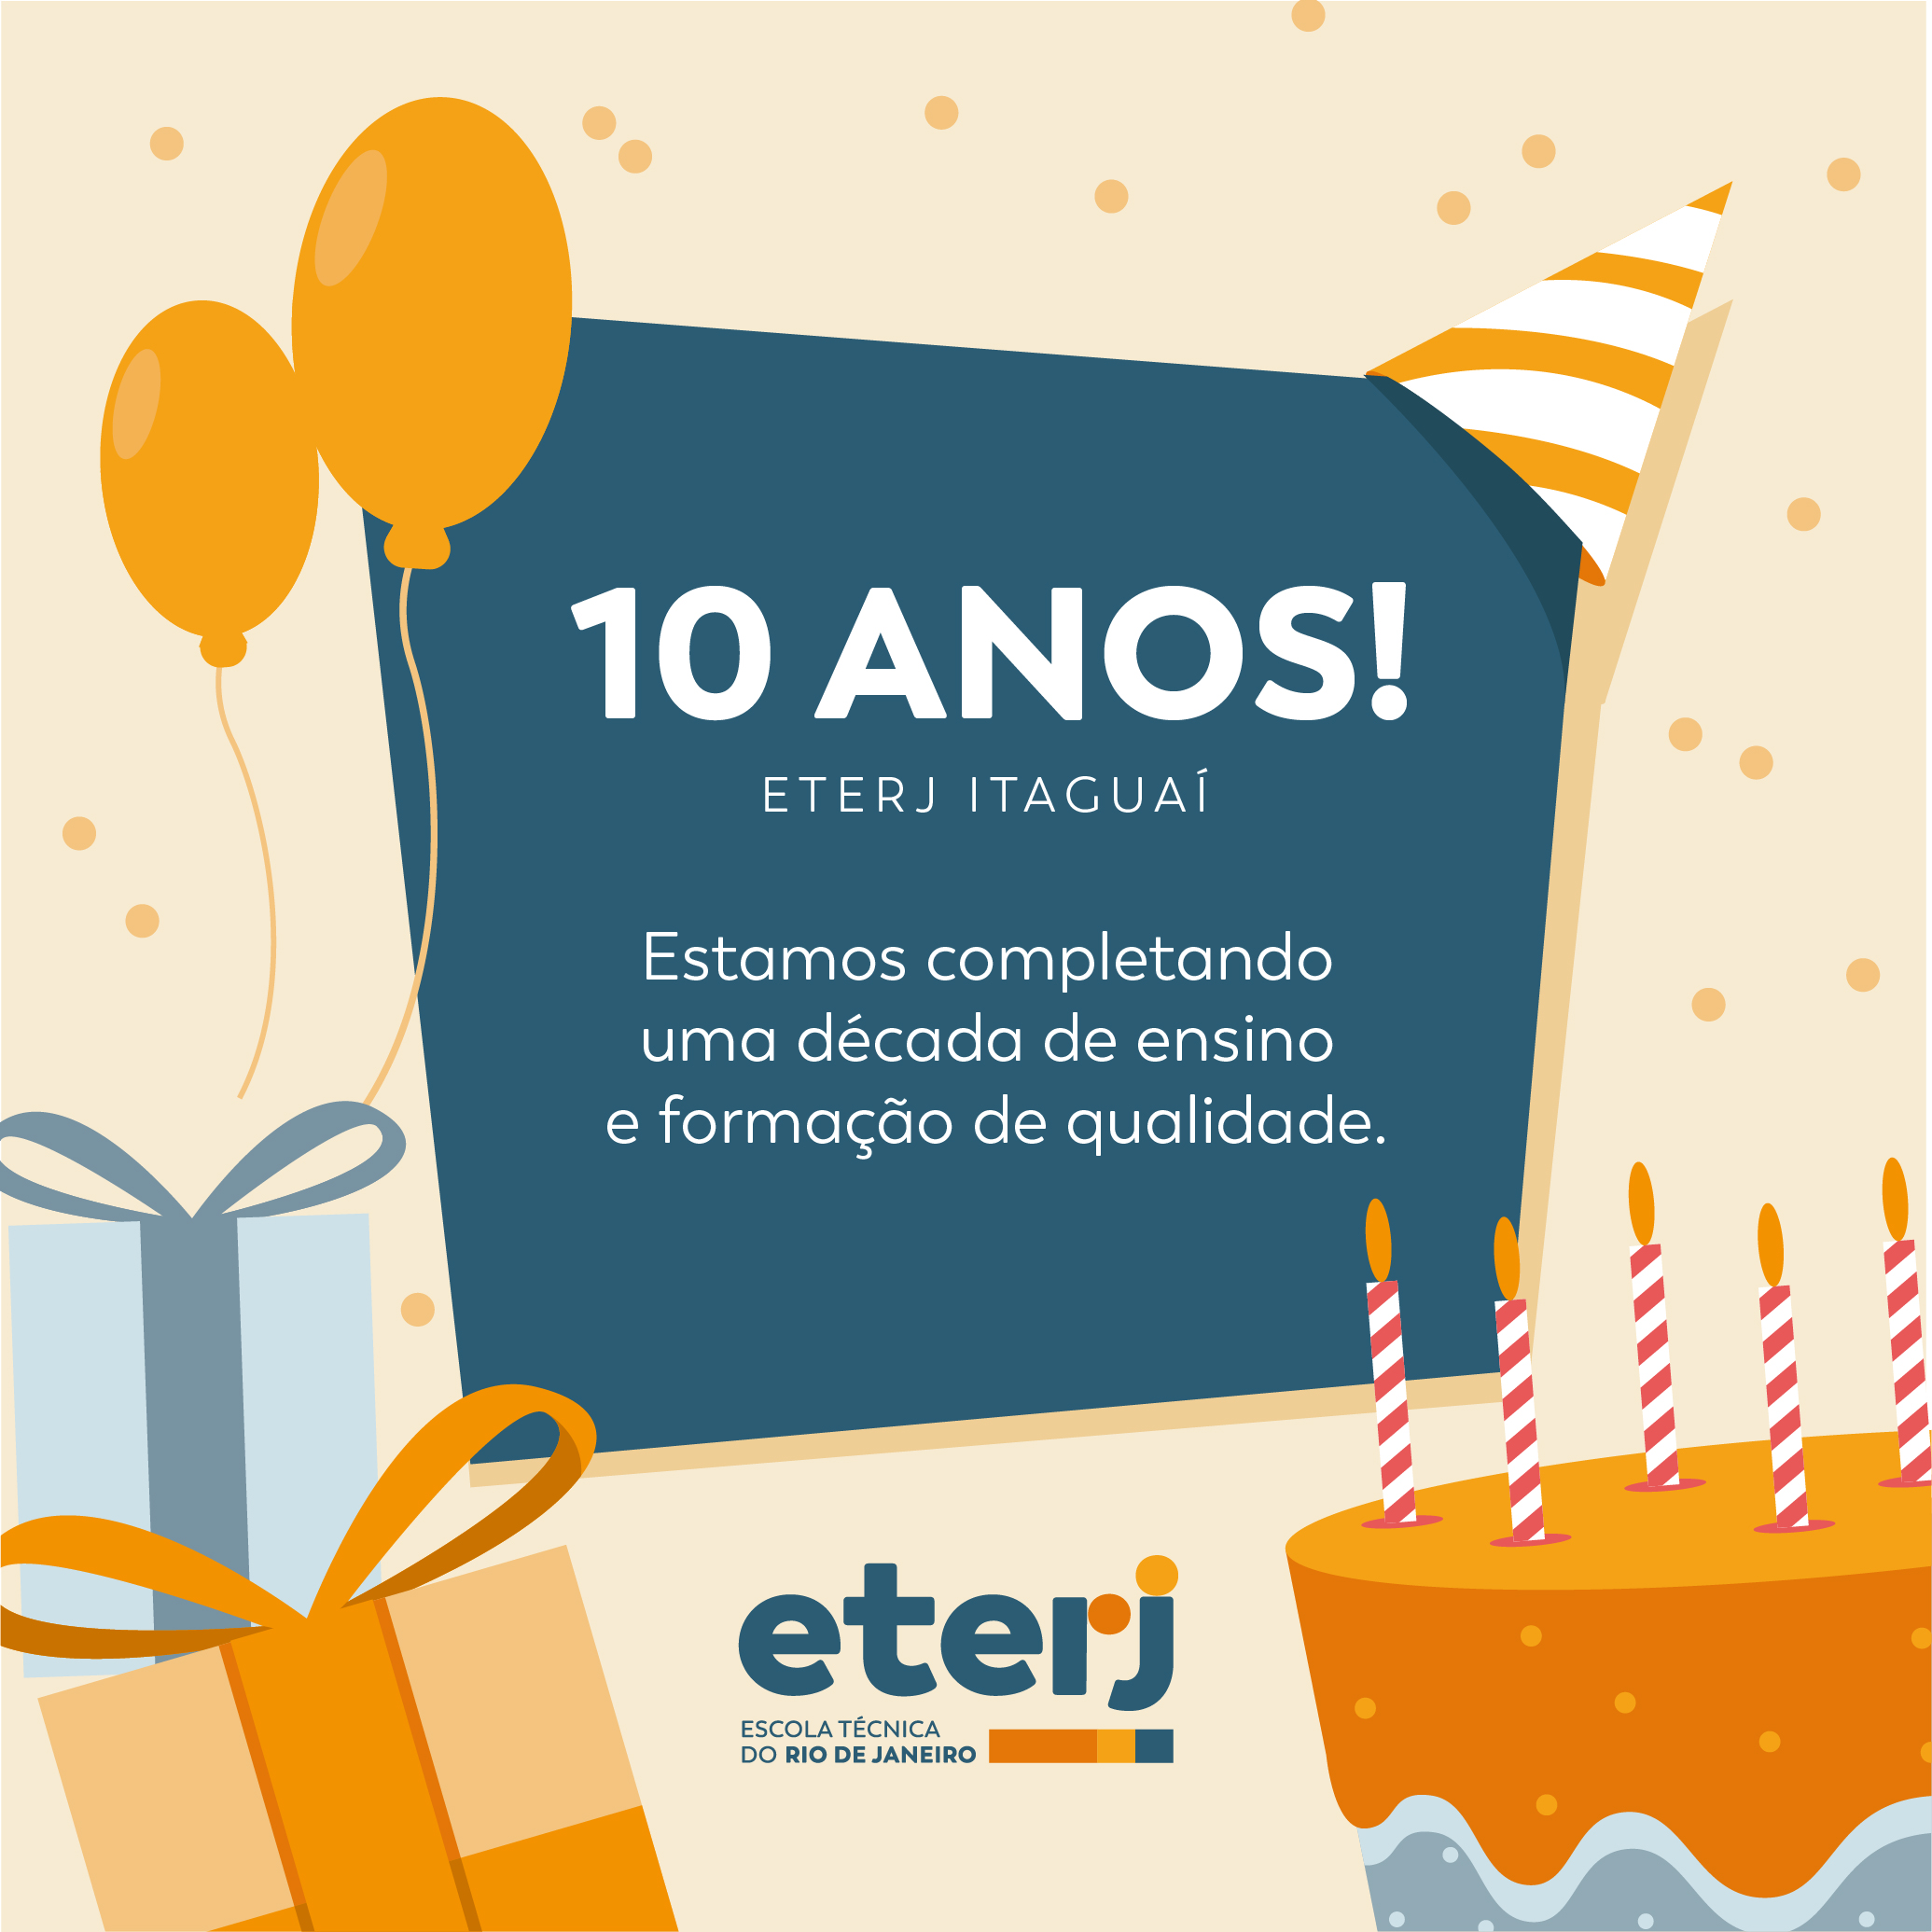 10 anos da ETERJ Itaguaí